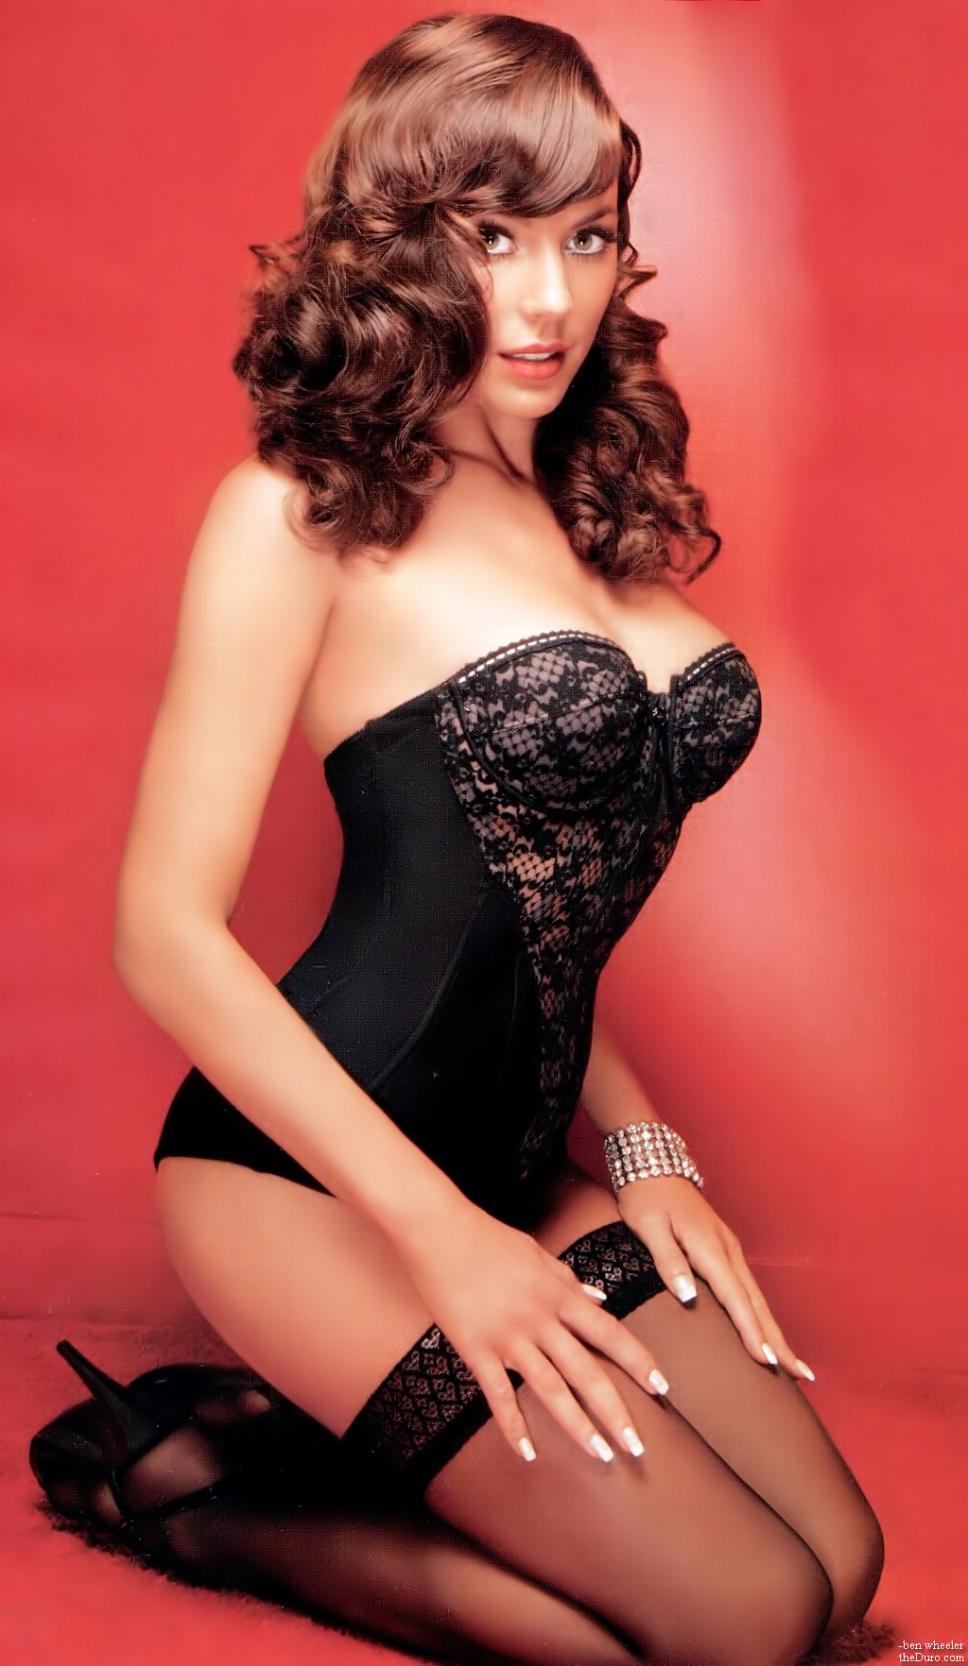 Krista Allen in lingerie